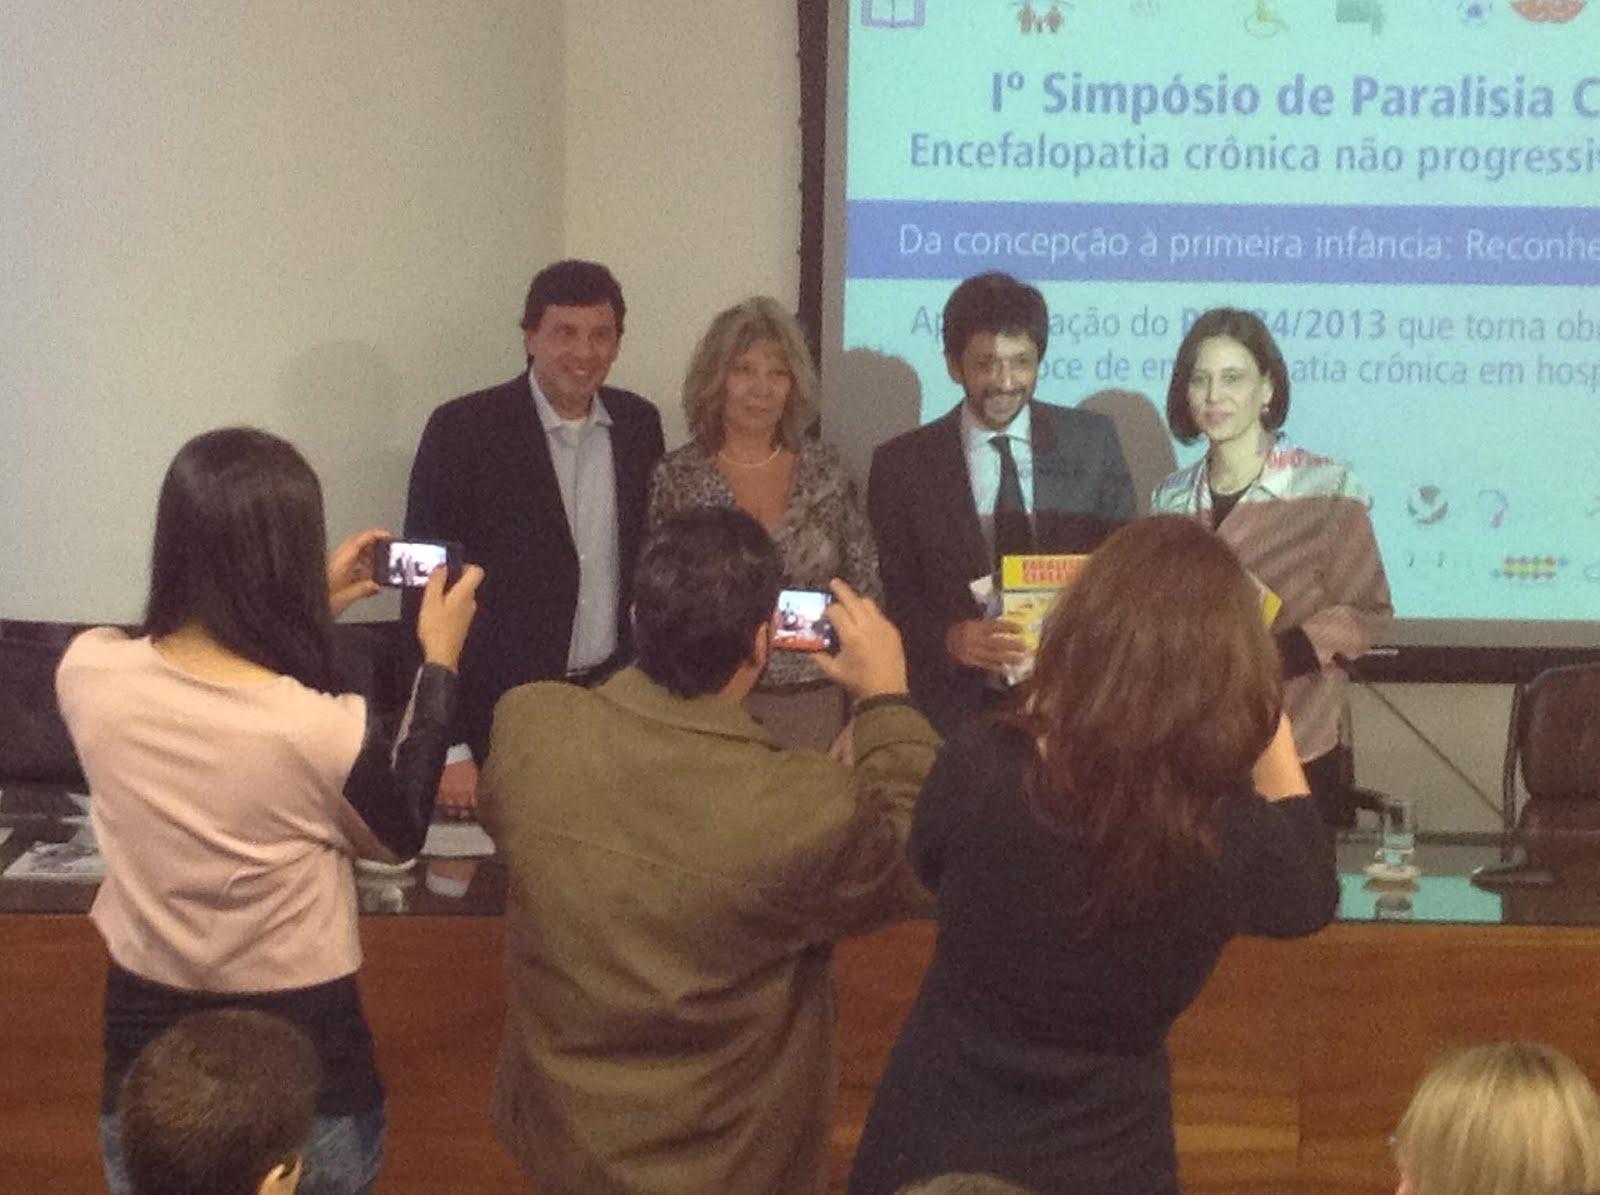 Seminario Paralisia Cerebral na Câmara Municipal de SP